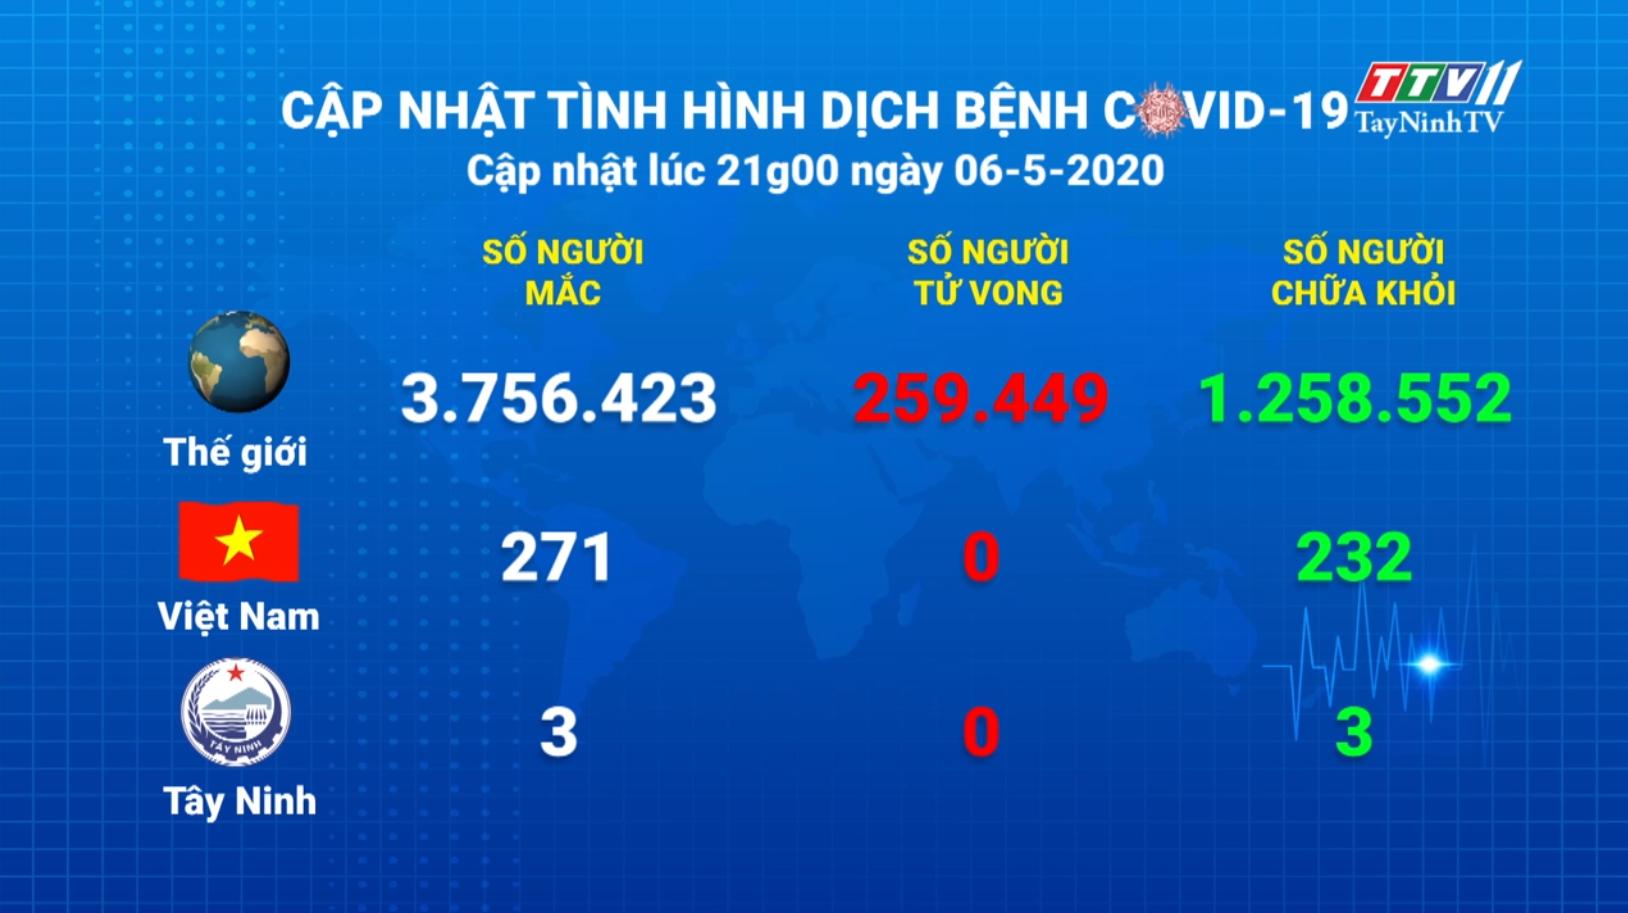 Cập nhật tình hình Covid-19 vào lúc 21 giờ 06-5-2020 | Thông tin dịch Covid-19 | TayNinhTV